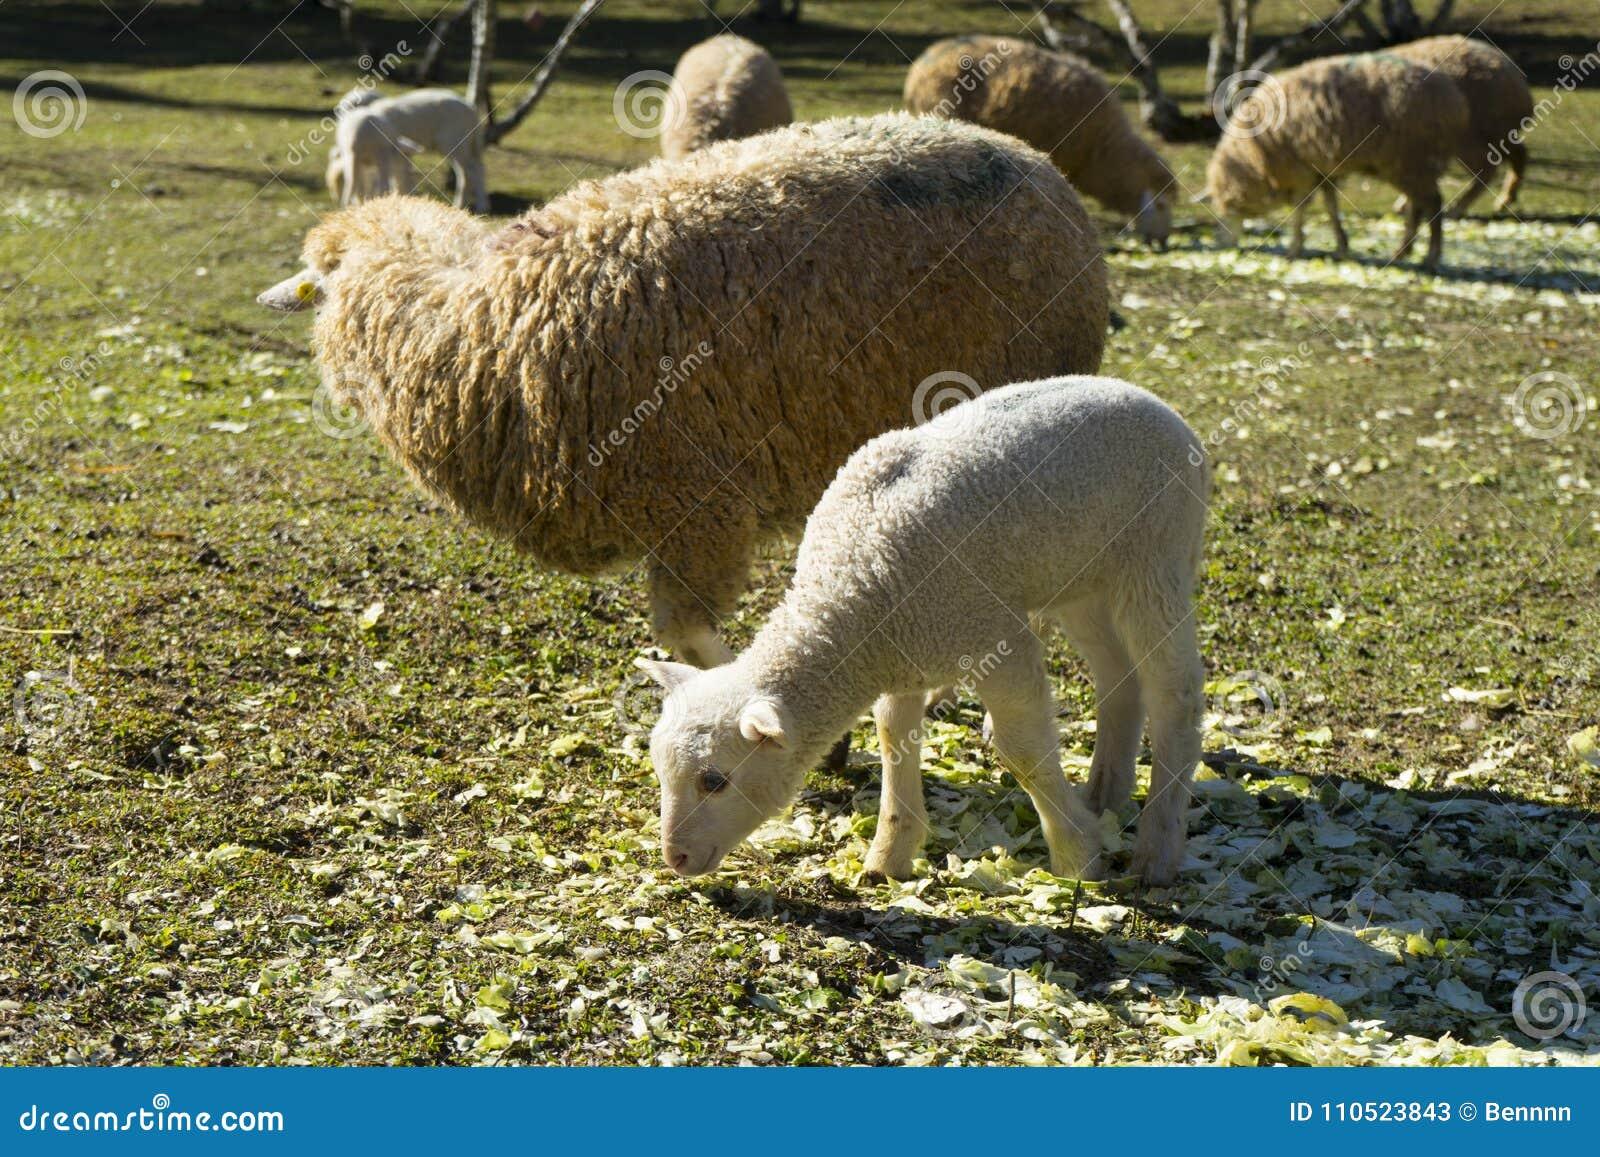 Small cute lamb